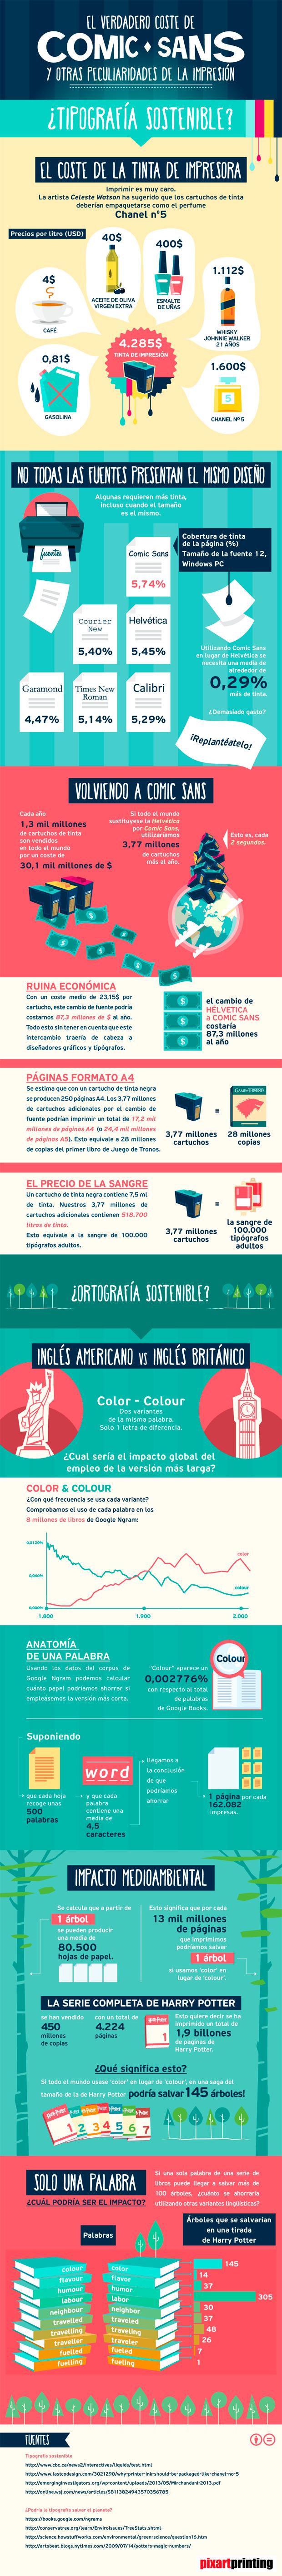 Infografía: El verdadero coste de Comic Sans y otras peculiaridades de la impresión | TodoGraphicDesign